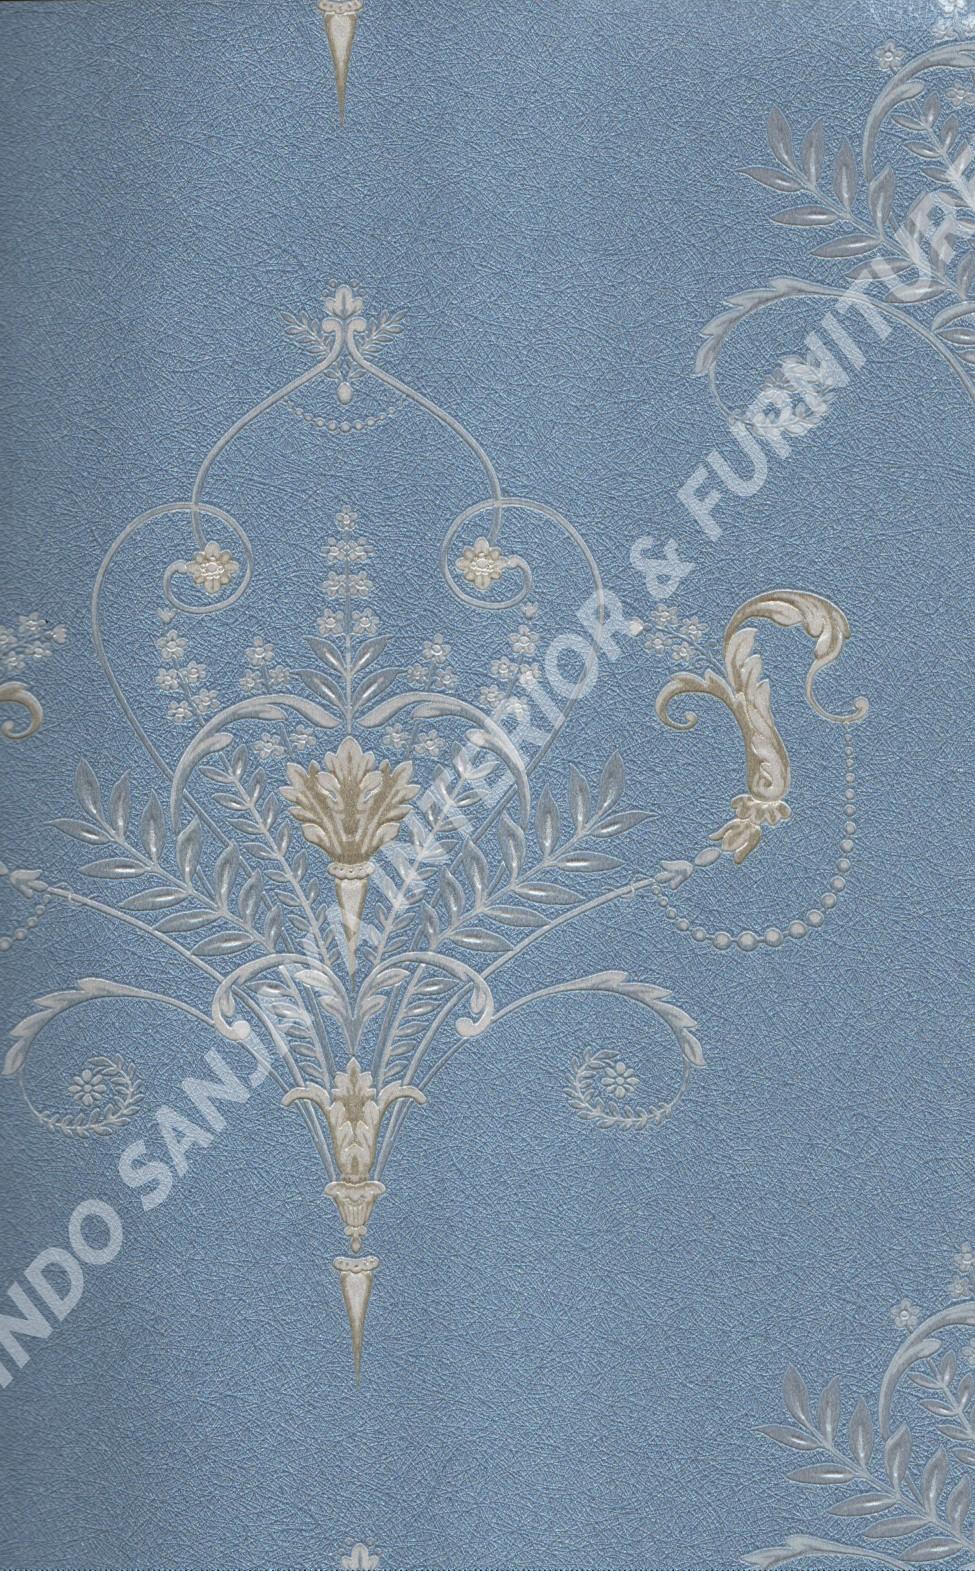 wallpaper   Wallpaper Klasik Batik (Damask) 83128-3:83128-3 corak  warna